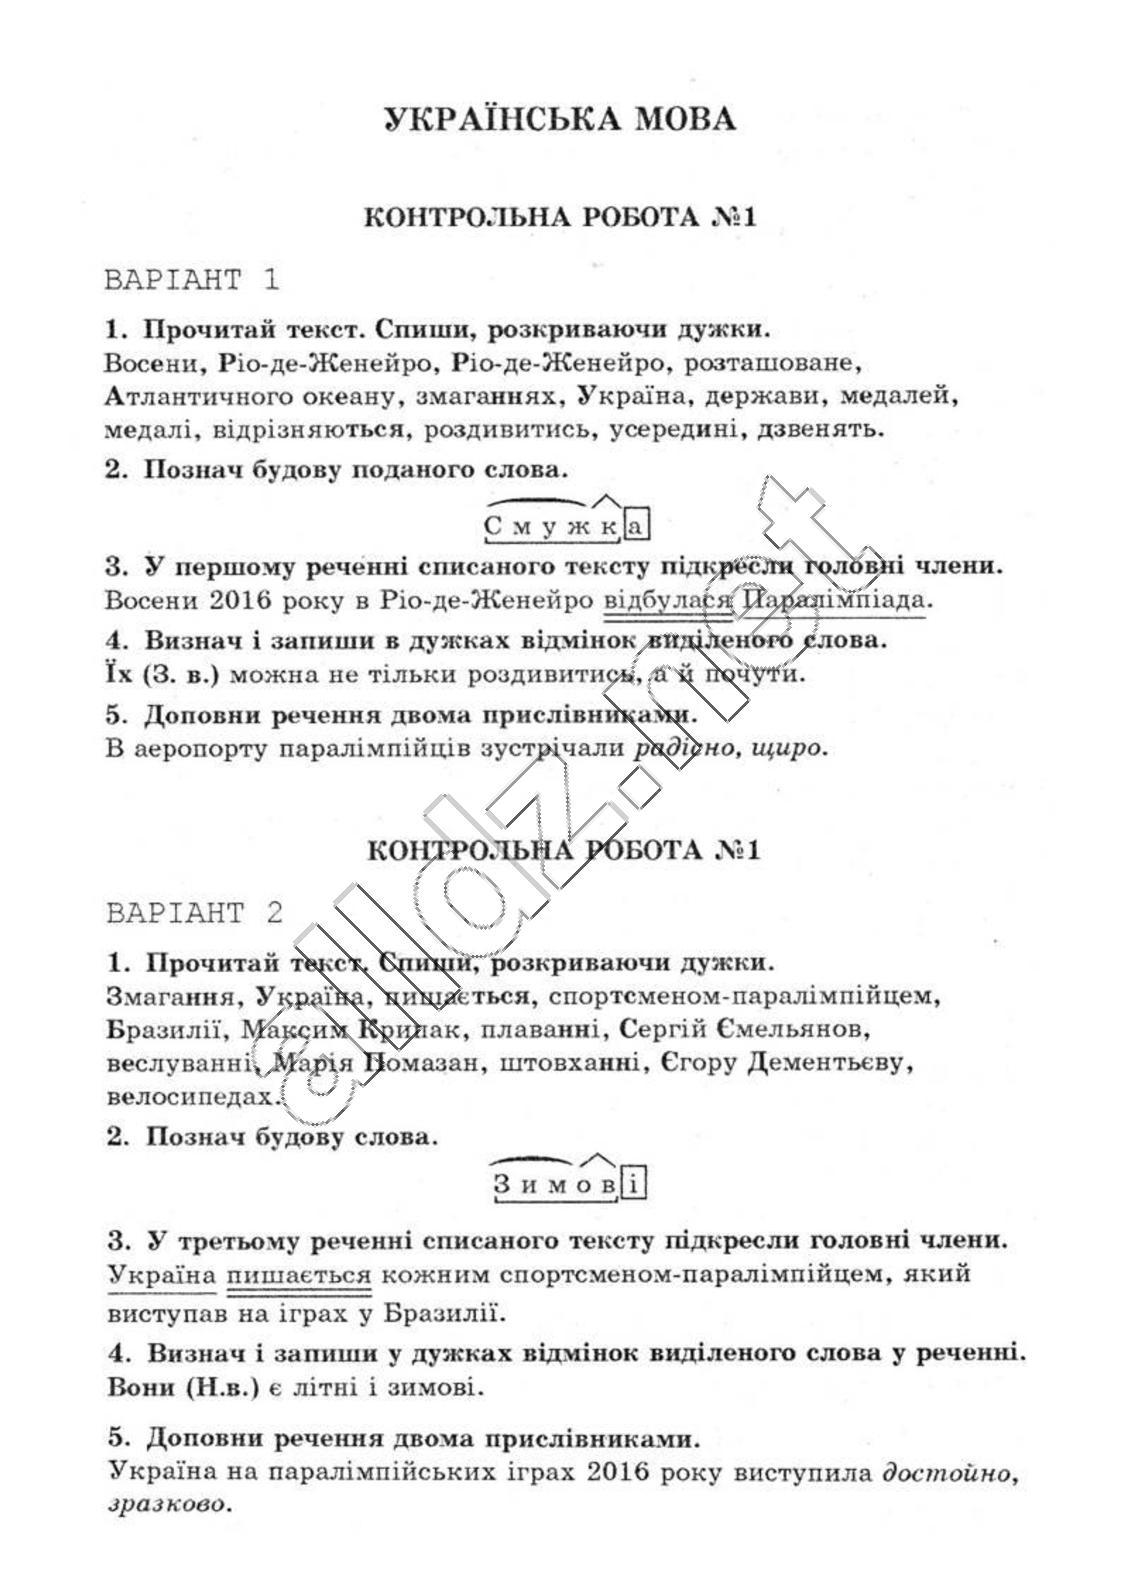 ГДЗ (відповіді). ДПА-2018. 4 клас. Українська мова. Гайова. Збірник завдань.